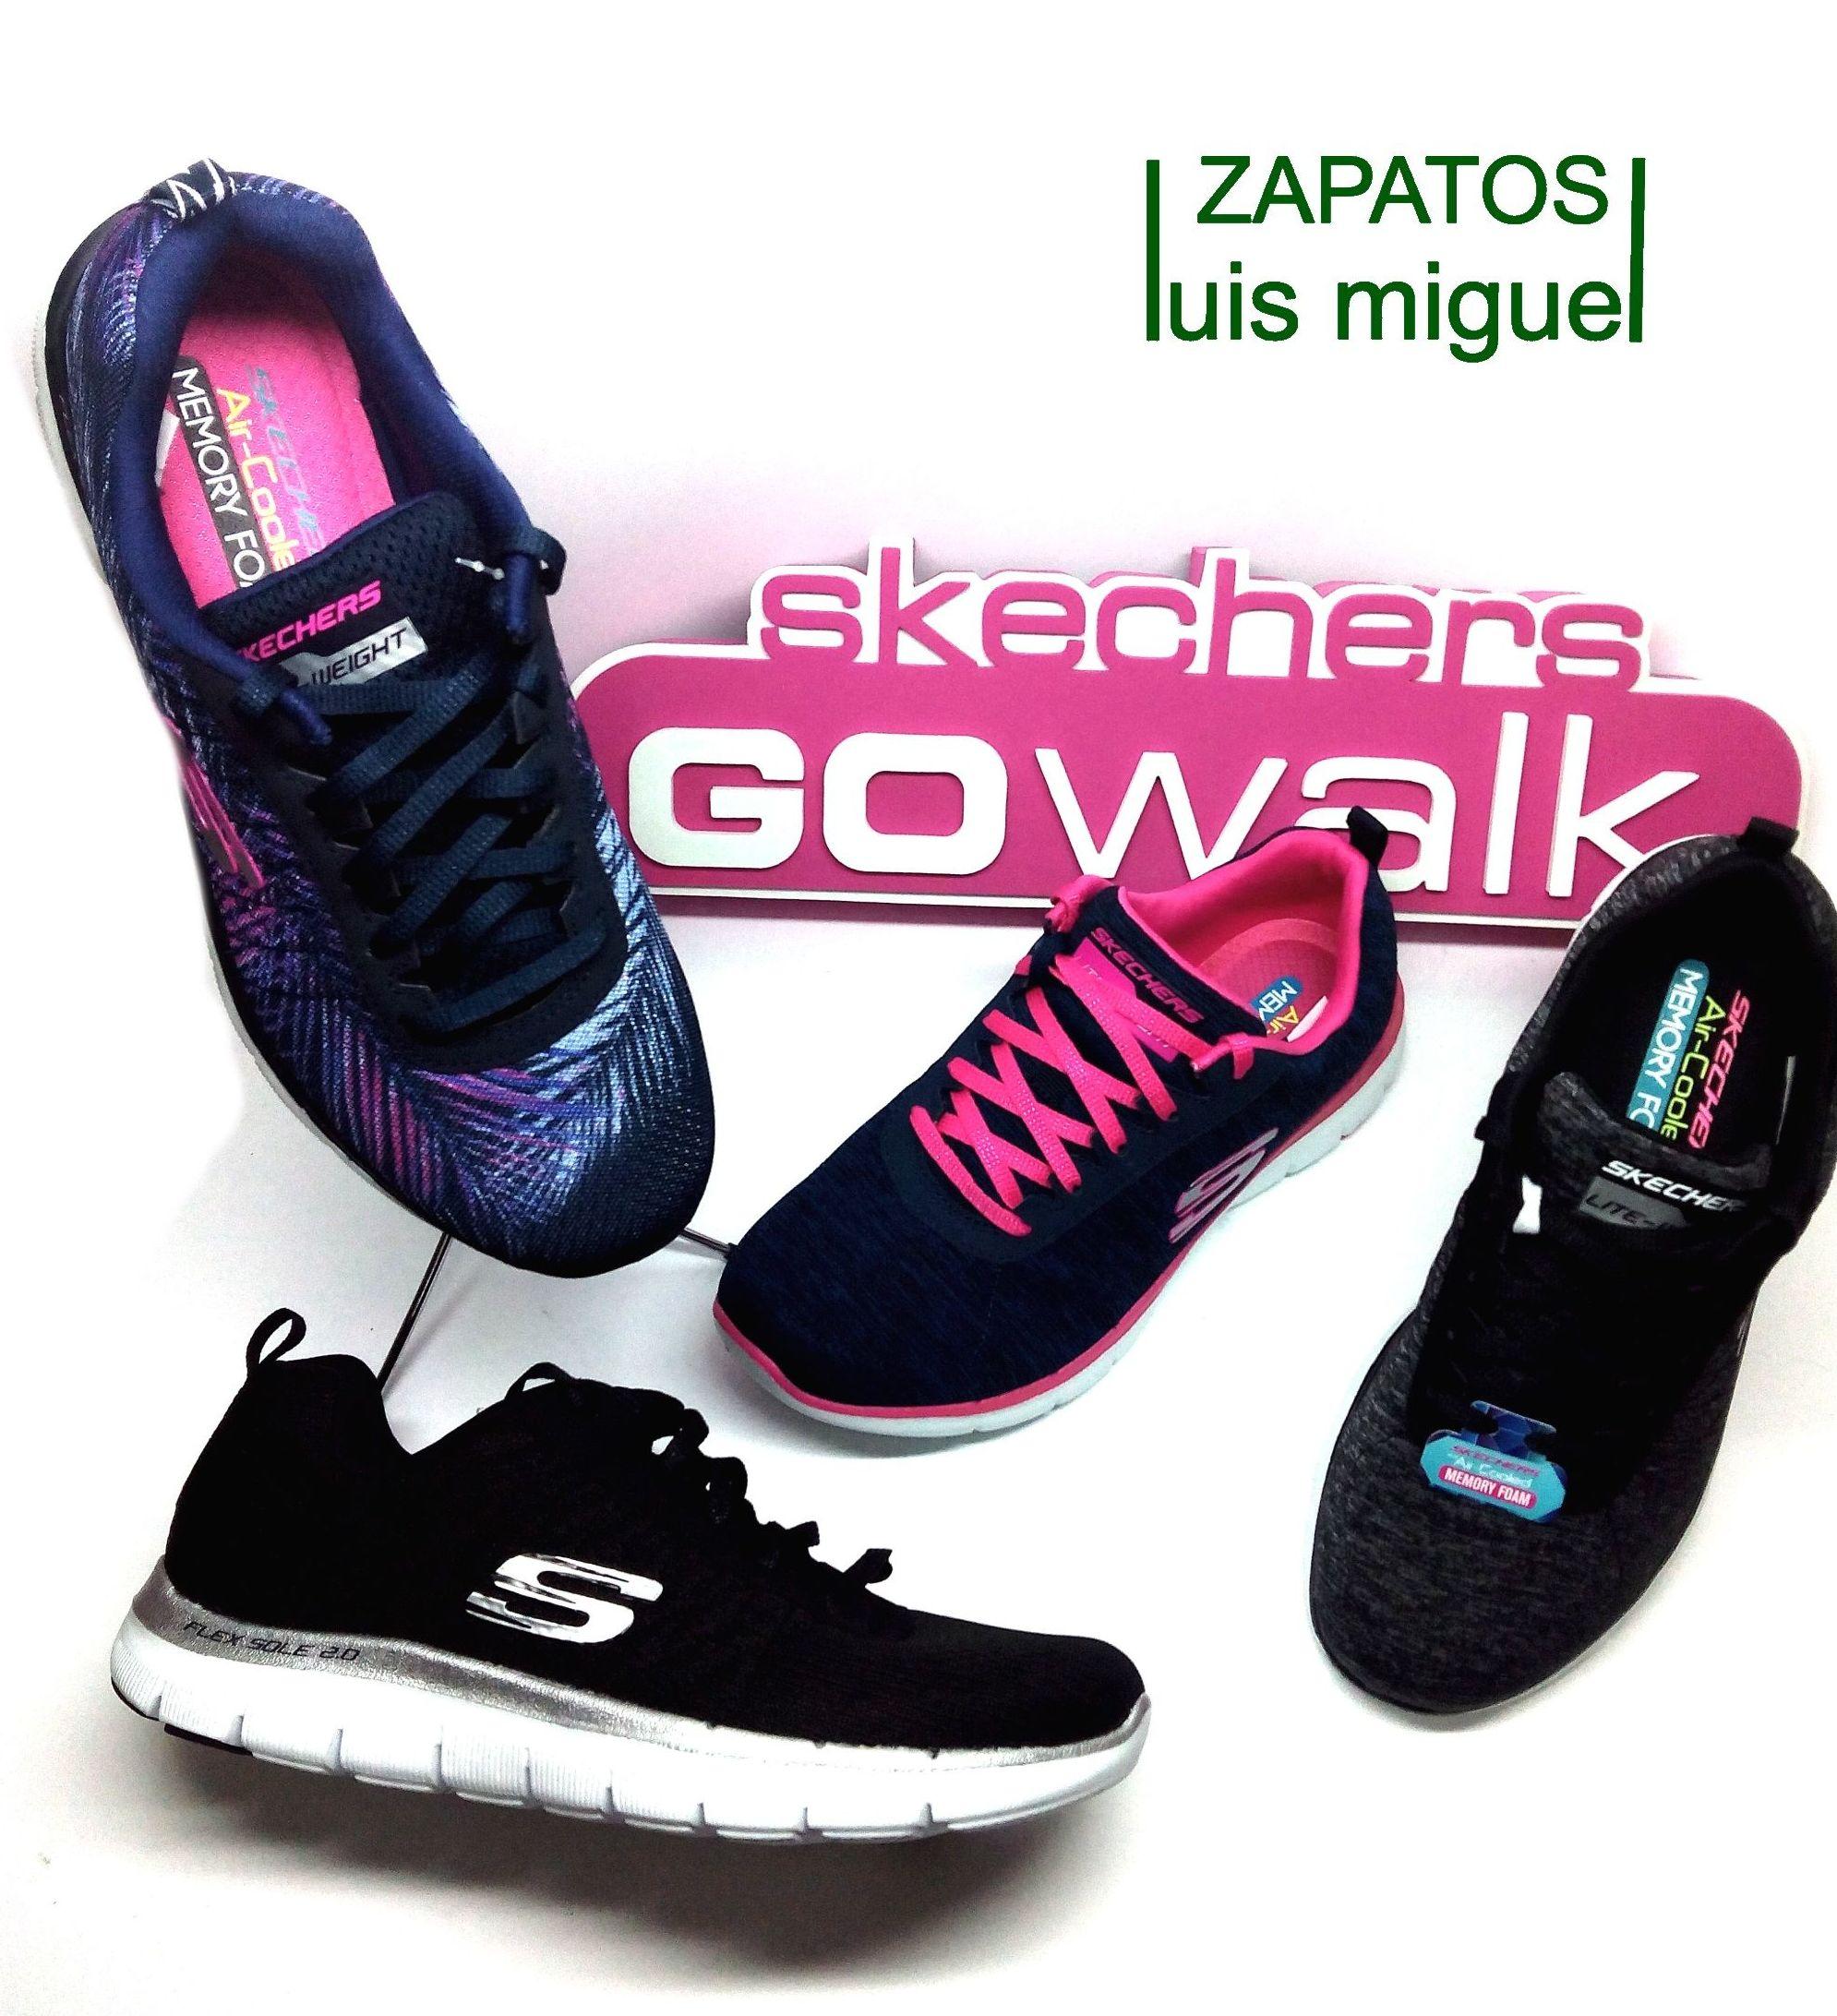 deportivas skechers: Catalogo de productos de Zapatos Luis Miguel